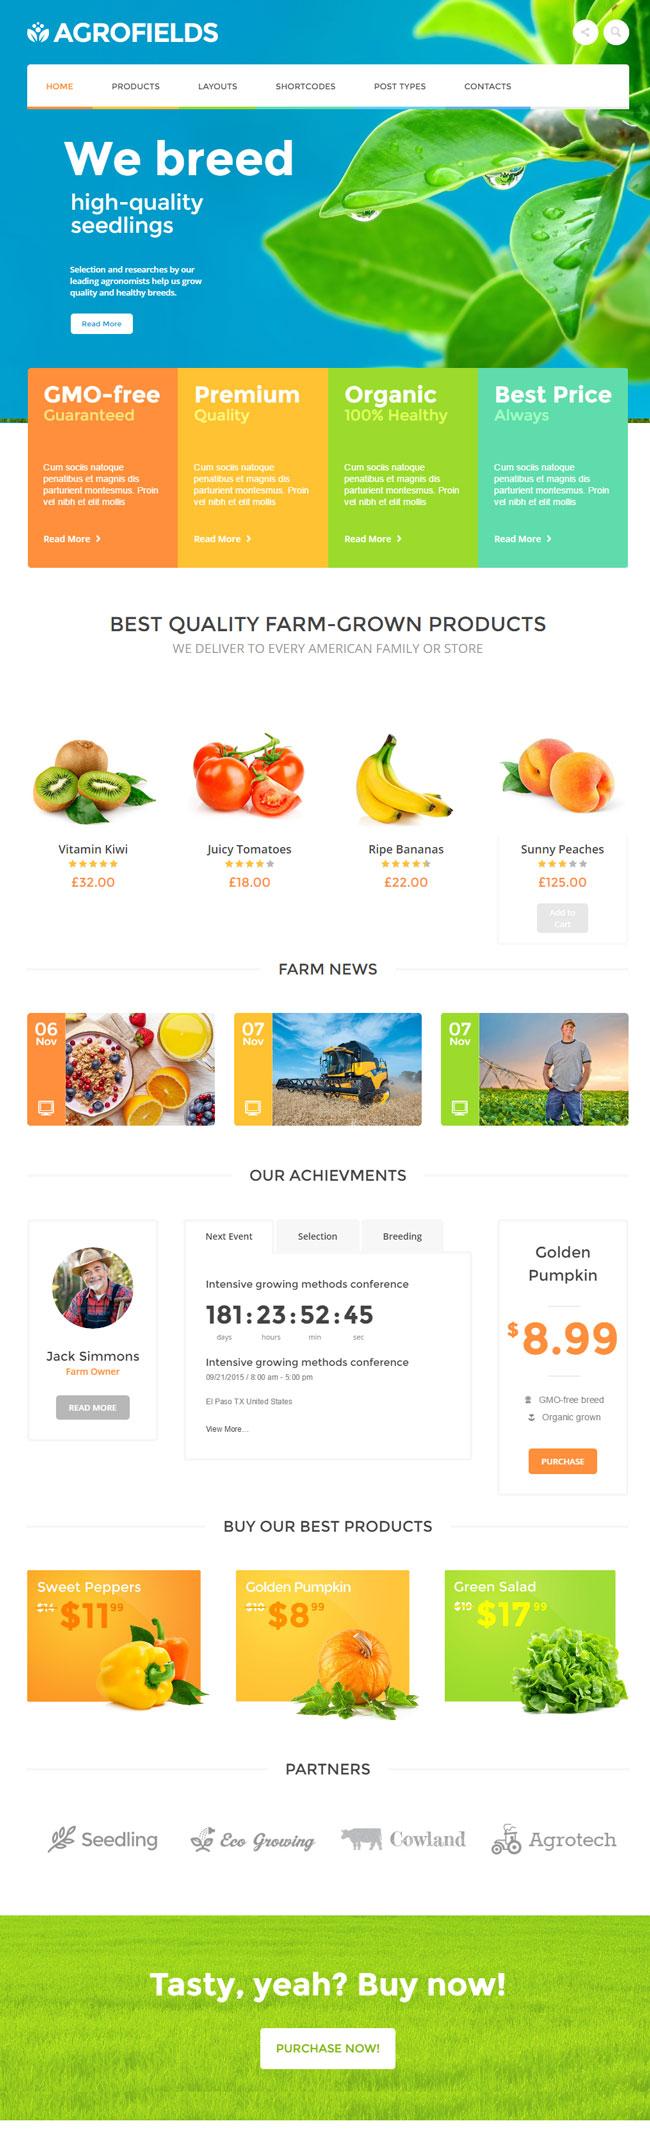 Agrofields-Food-Shop-Grocery-Market-Wordpress-Theme